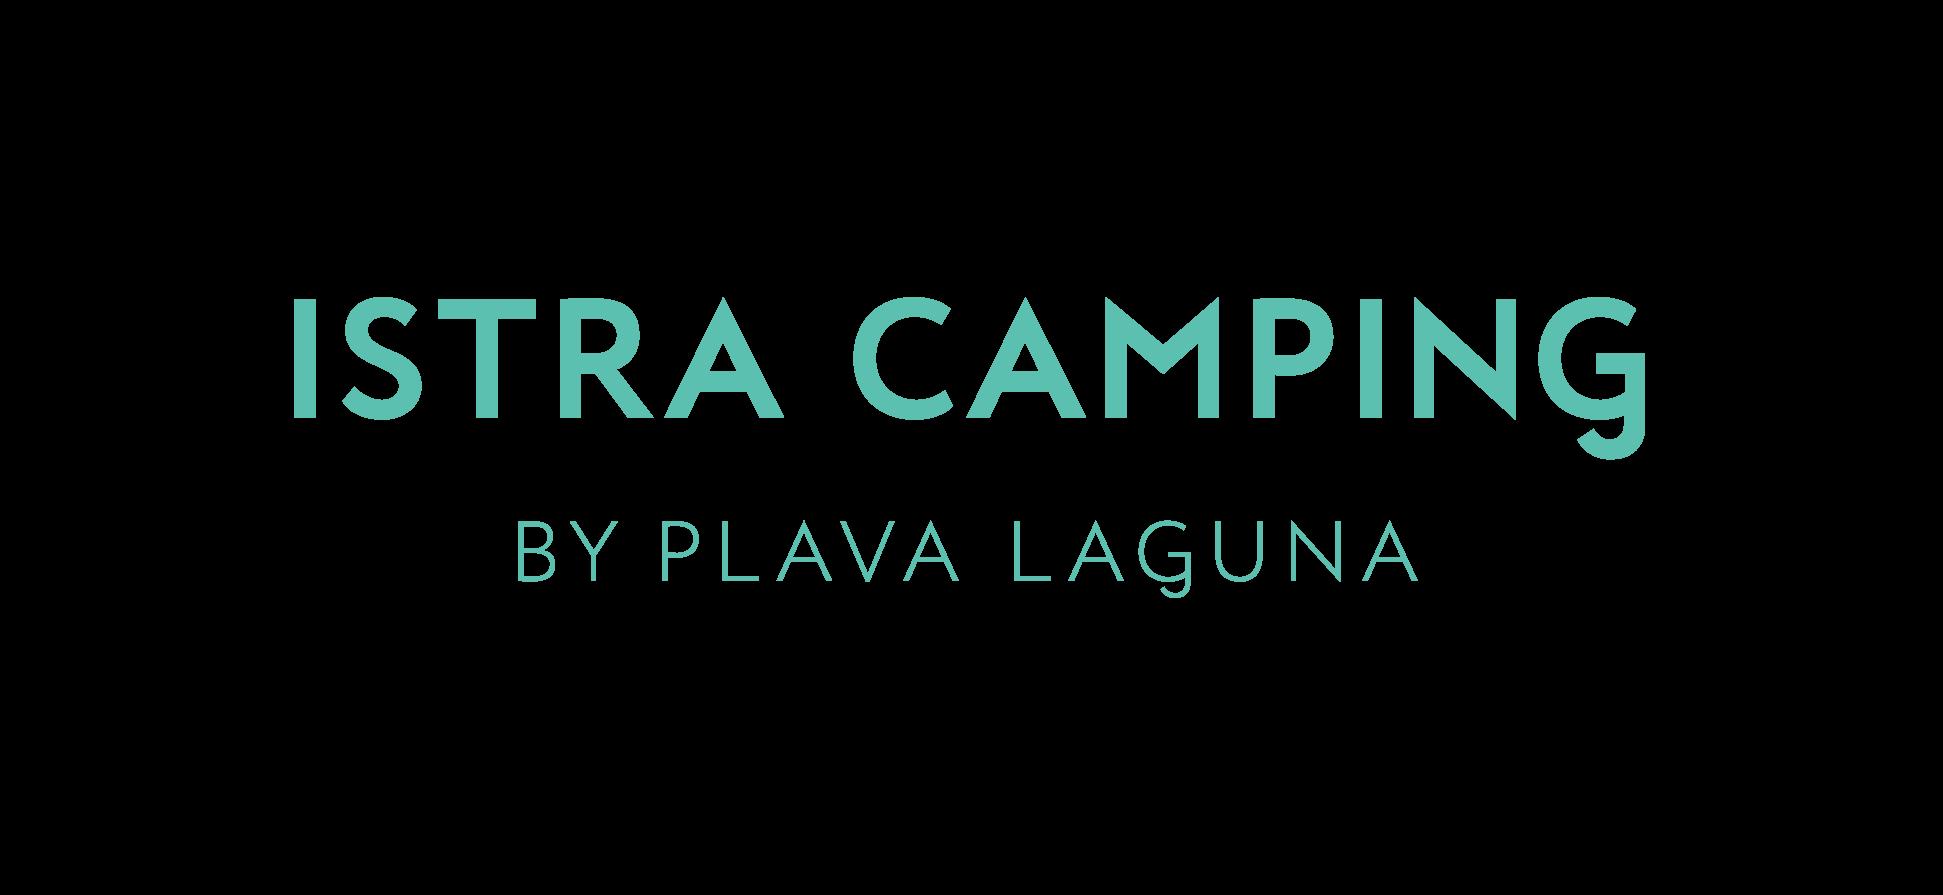 Camping Finida